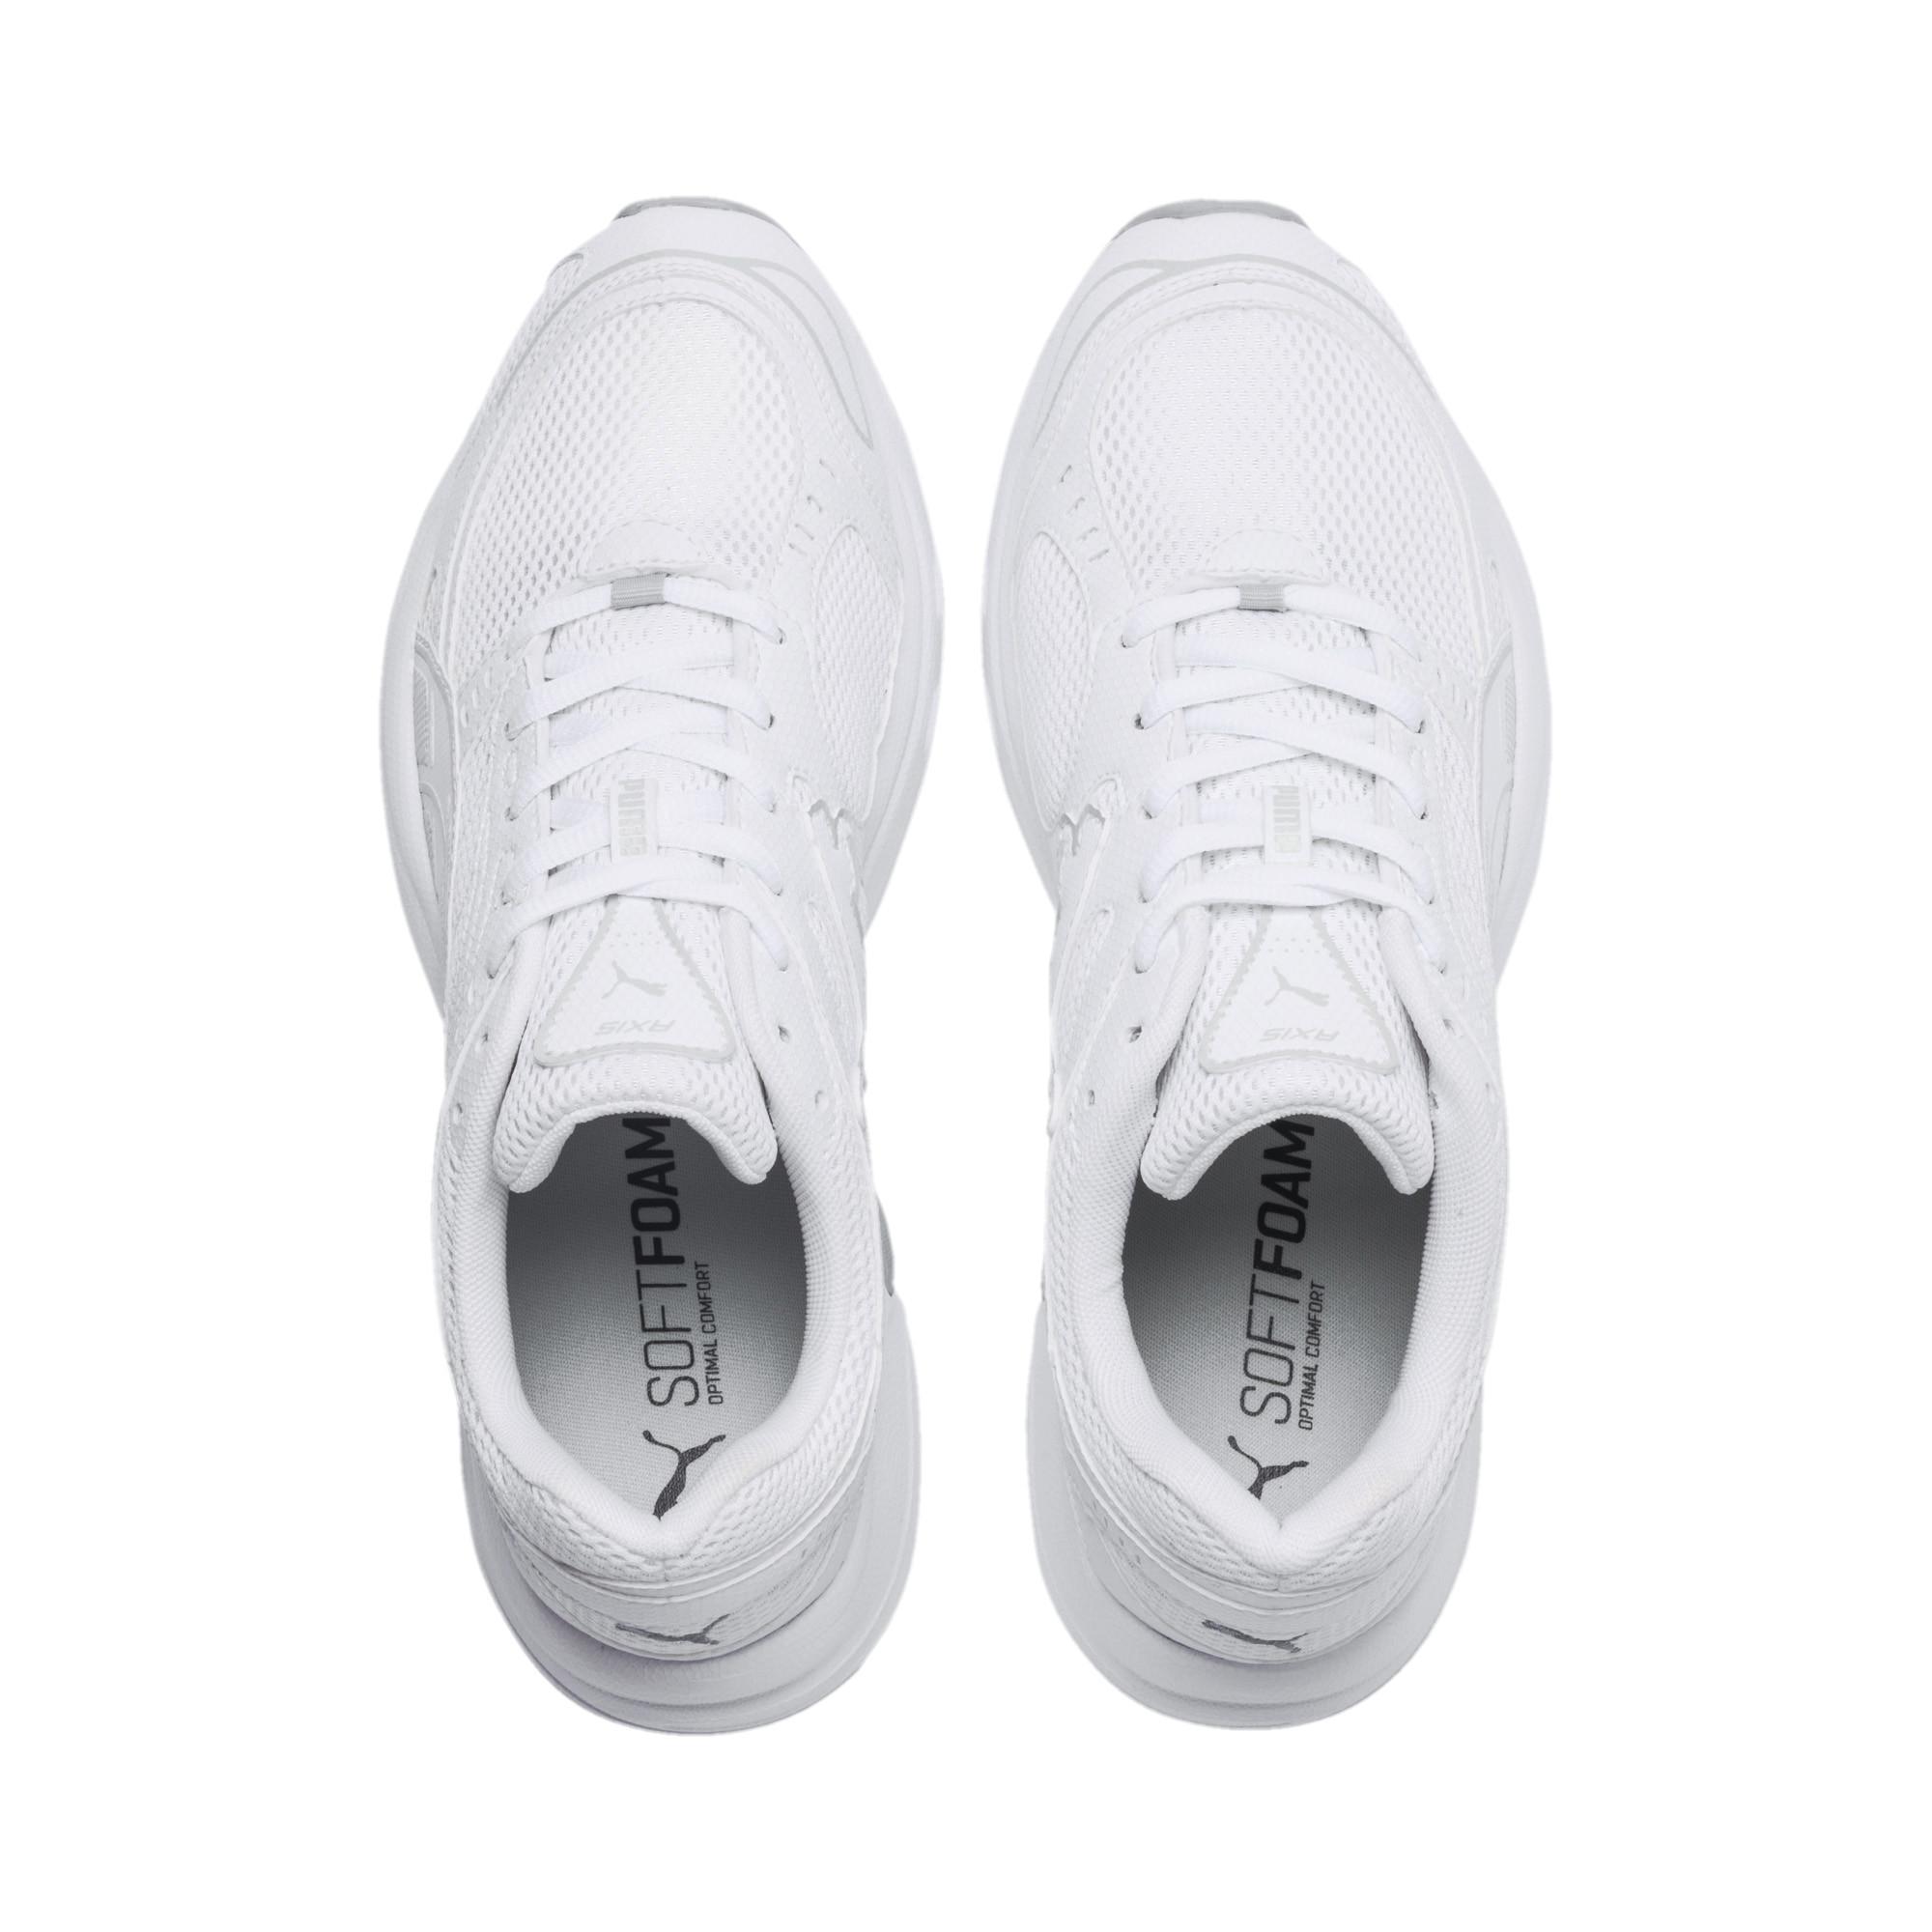 puma soft foam white shoes \u003e Clearance shop